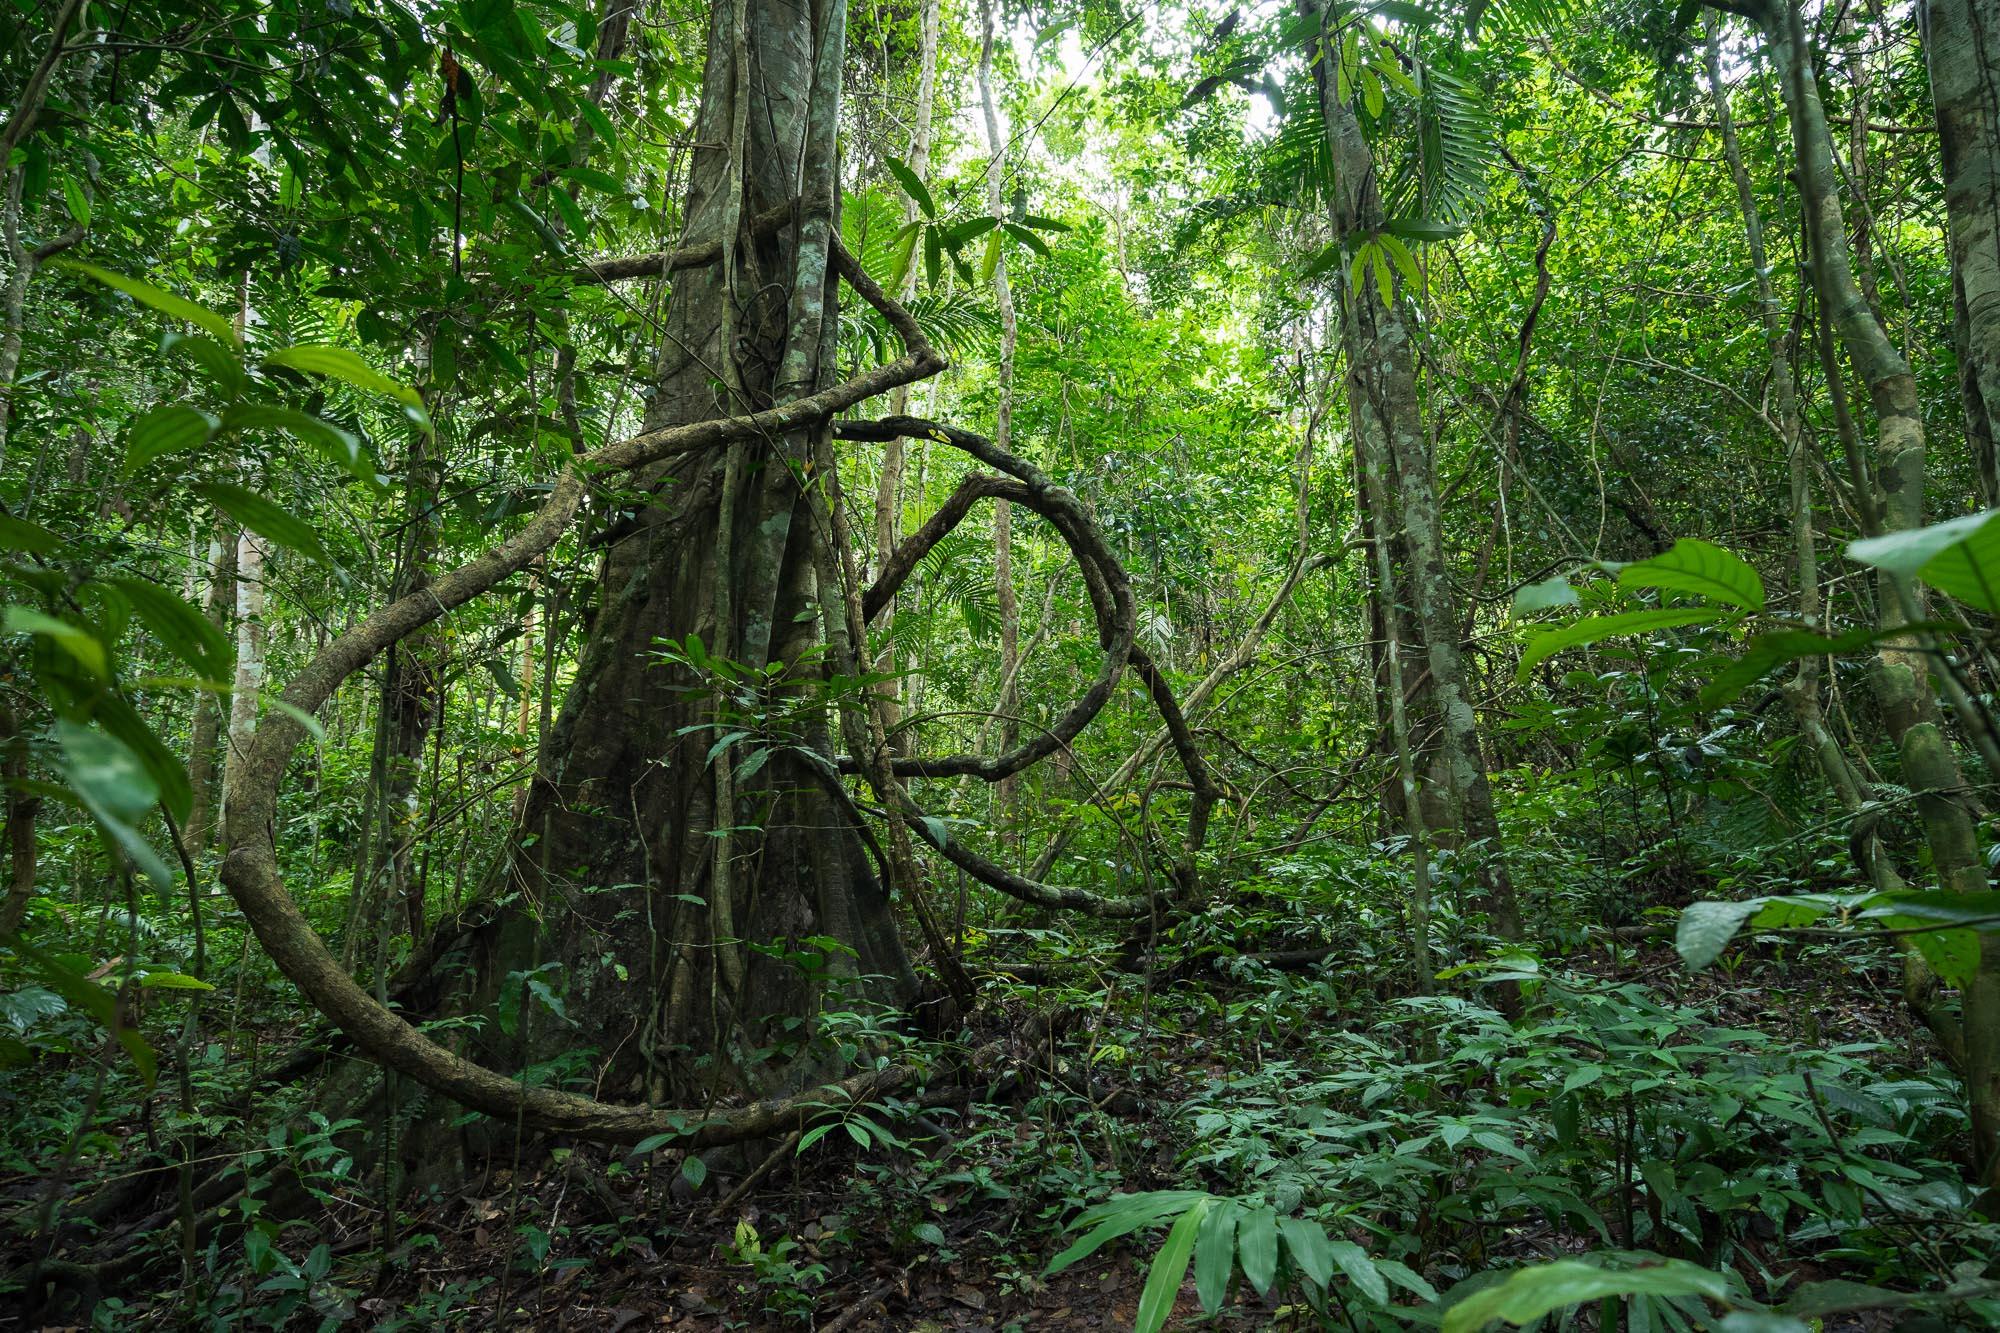 Khao Yai National Park Scenery, Thailand